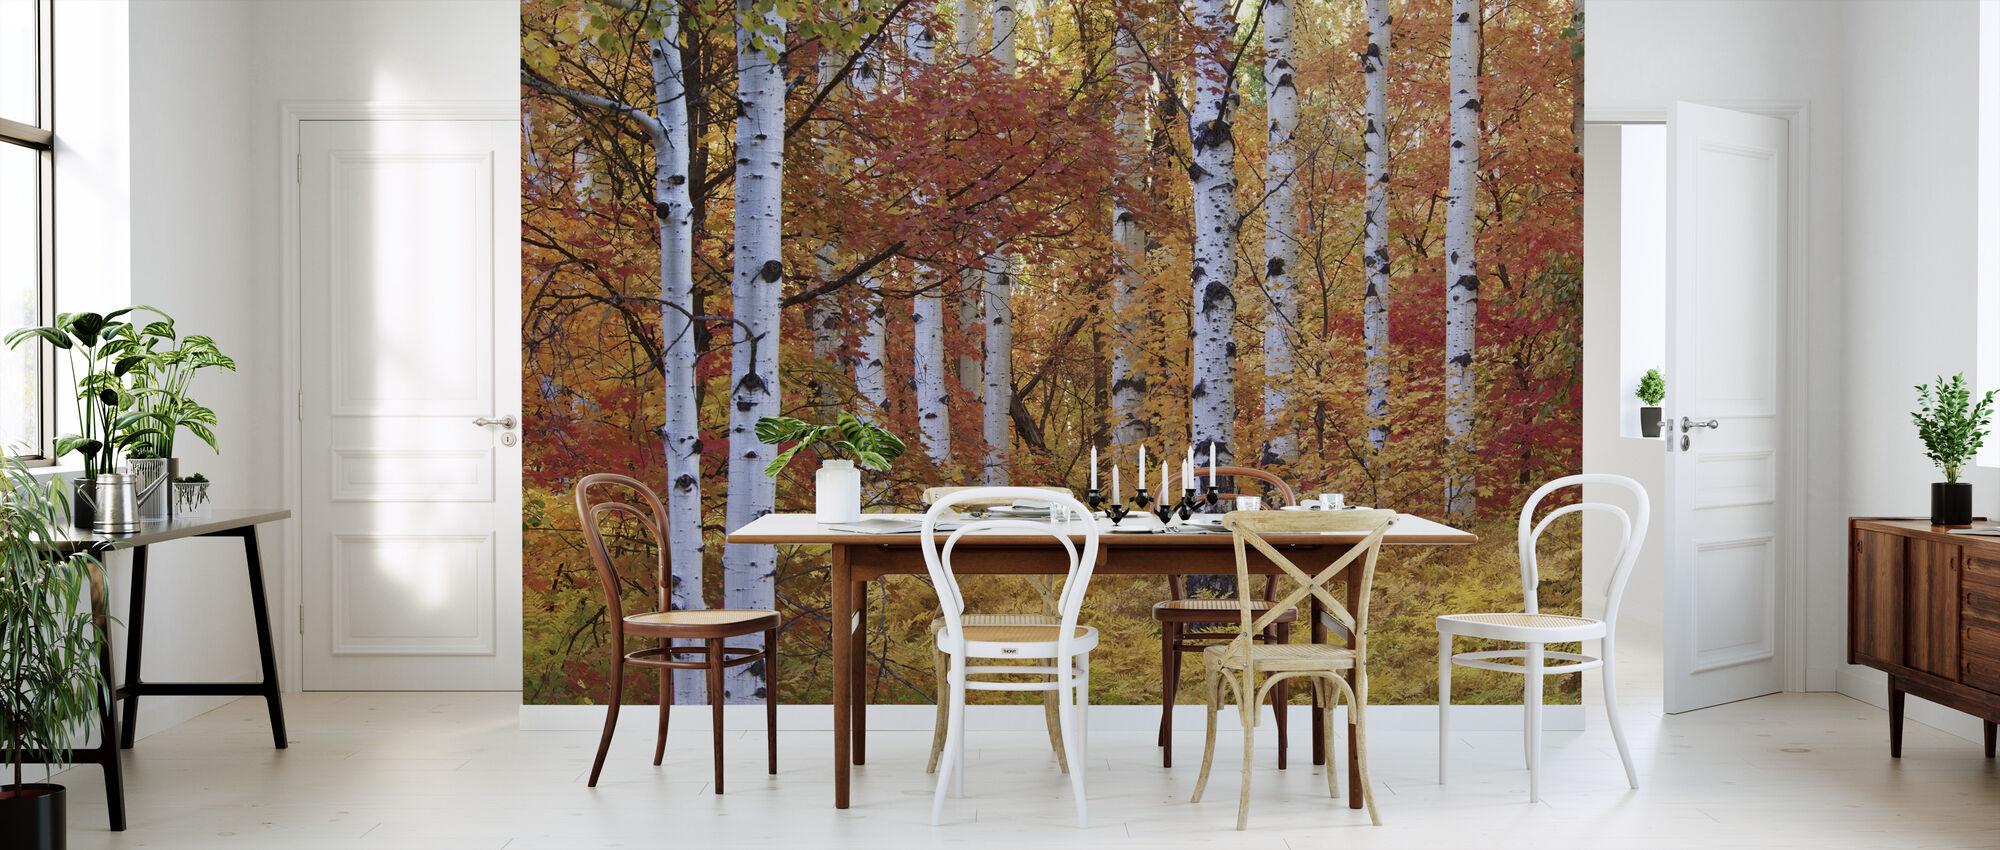 Herfst berken van de Rocky Mountains - Behang - Keuken